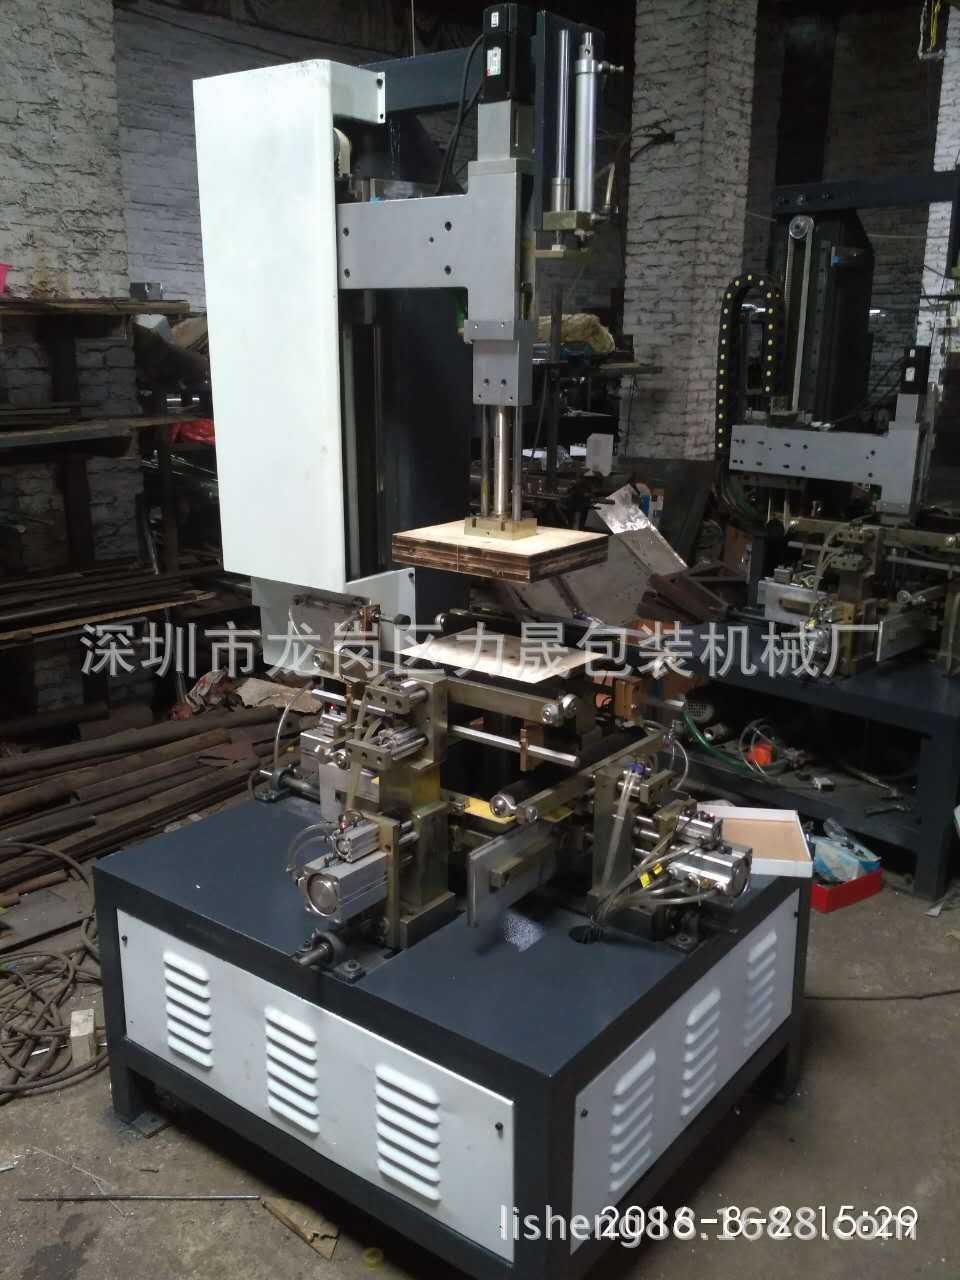 专业生产首饰盒压泡成型机 糊盒机 印后包装 保修一年